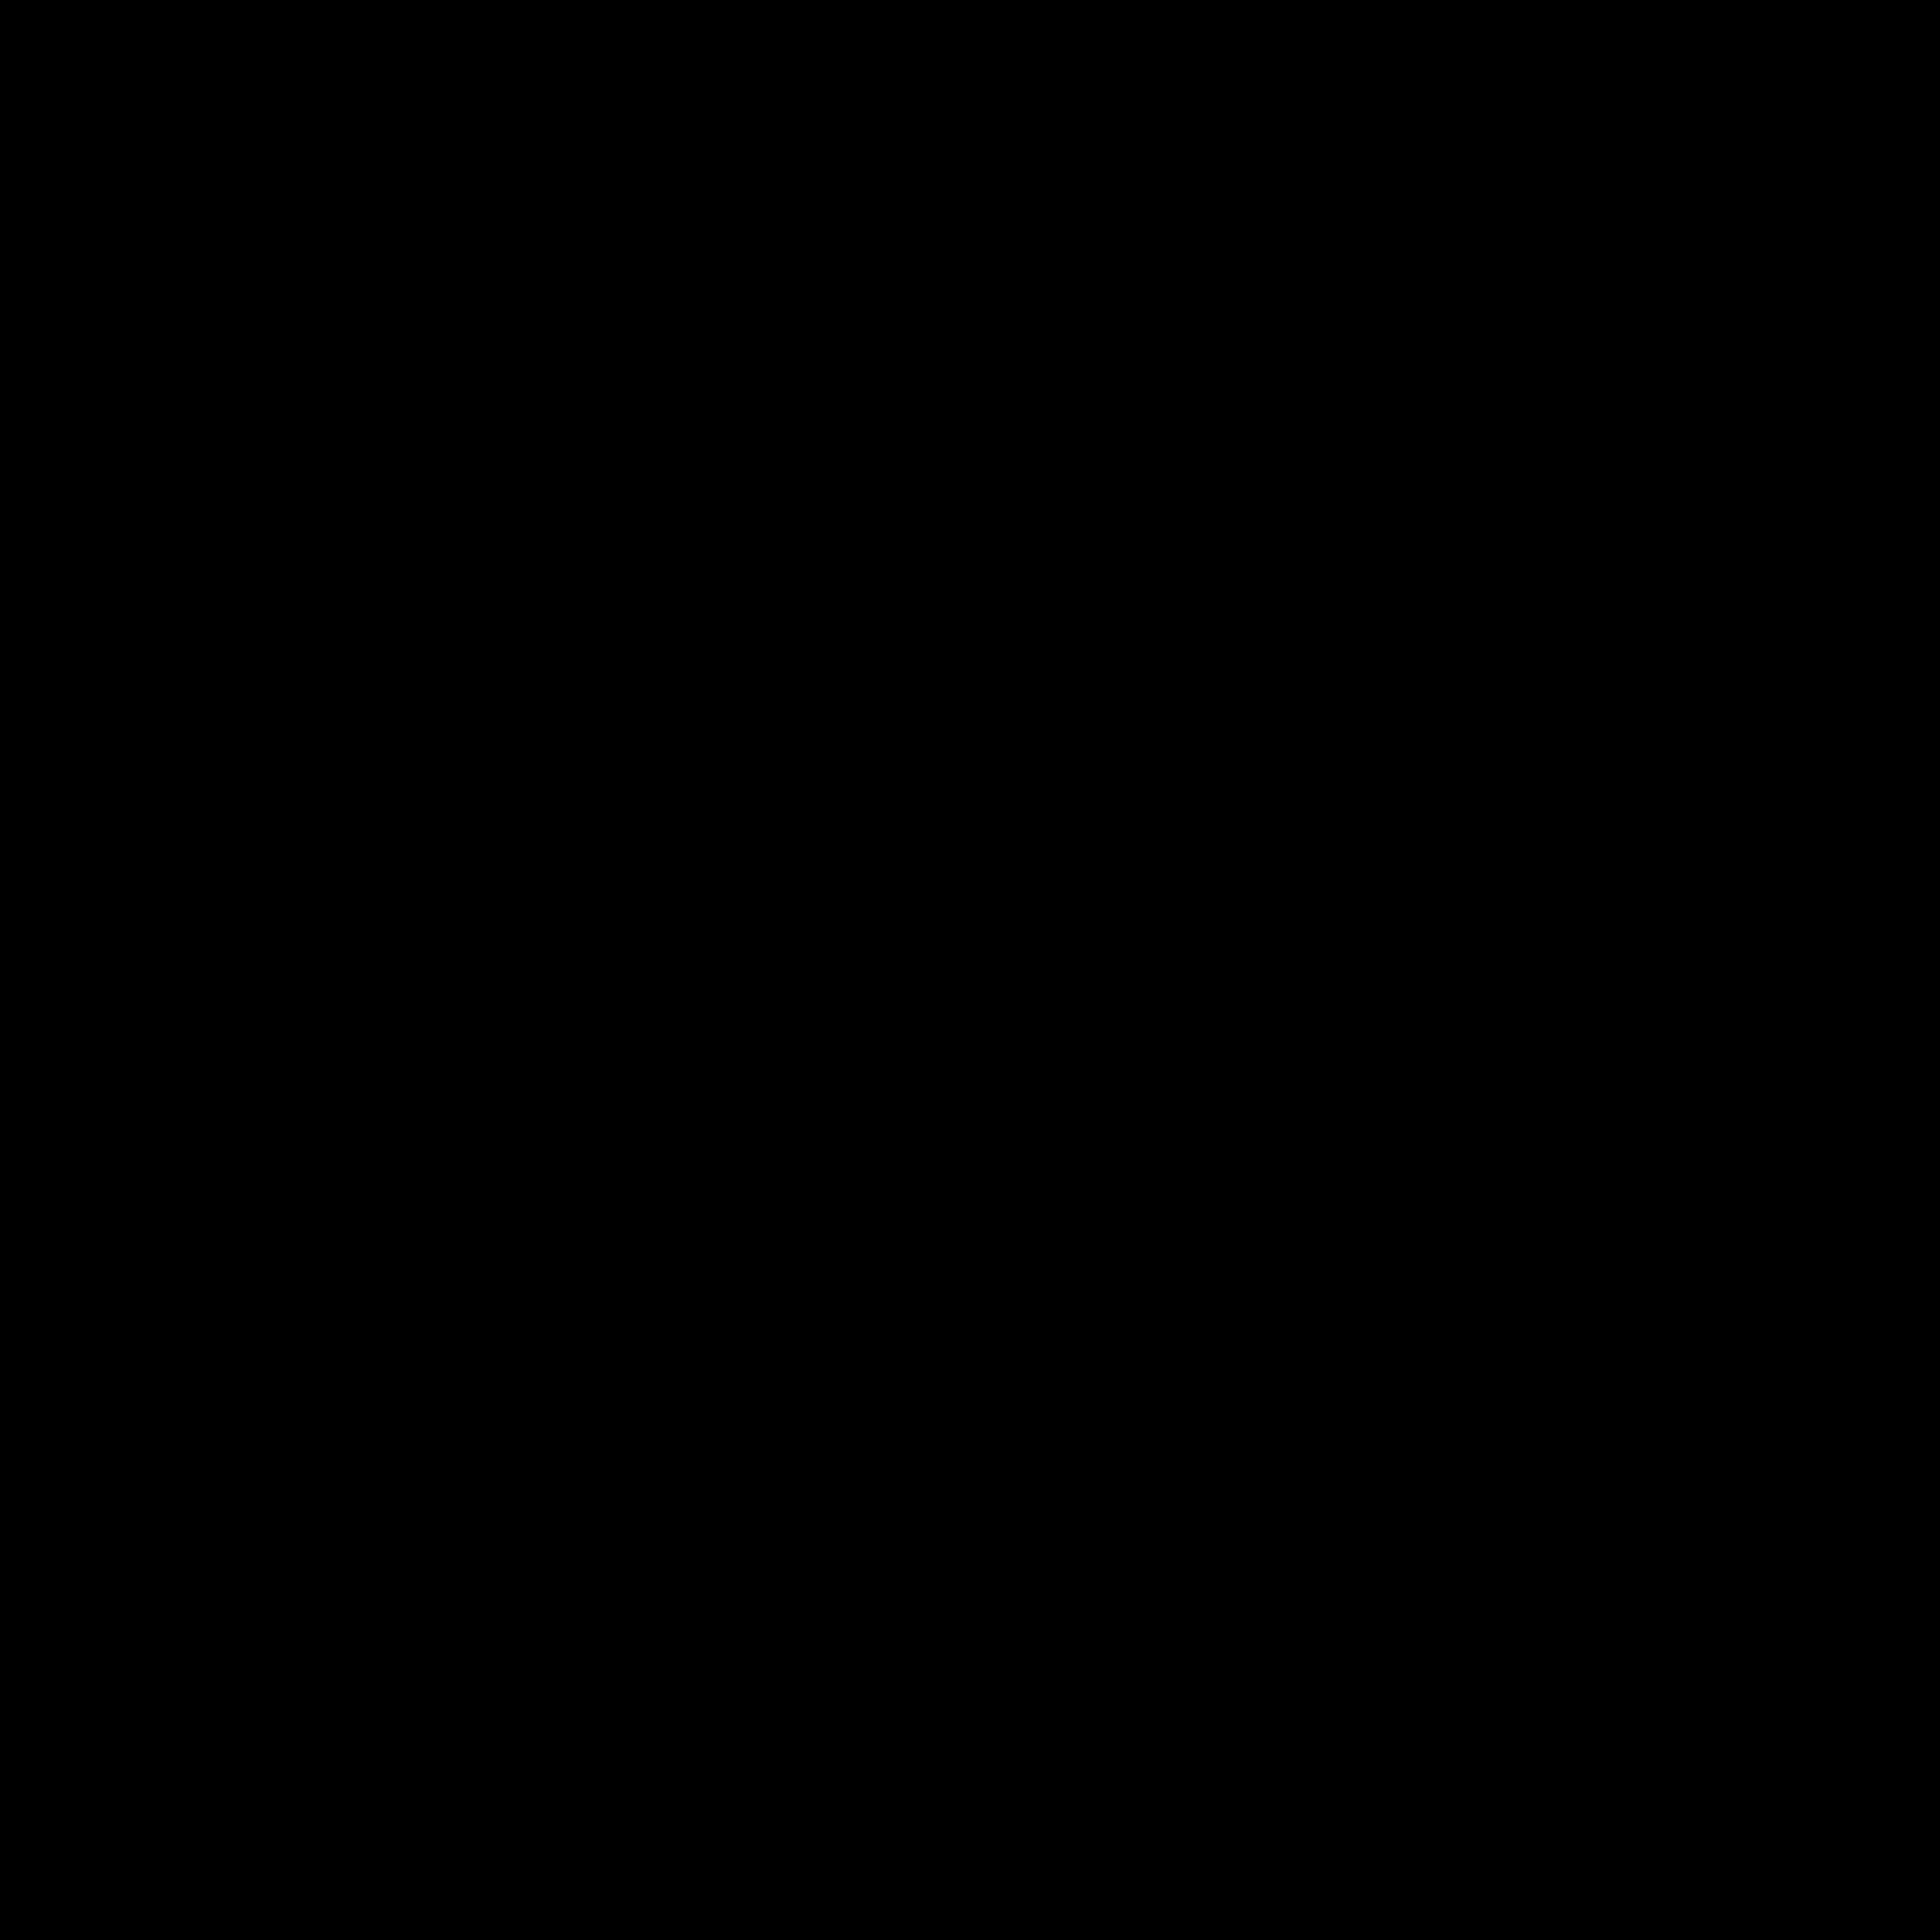 StC_MRGN_logo_BLK_SQ.png